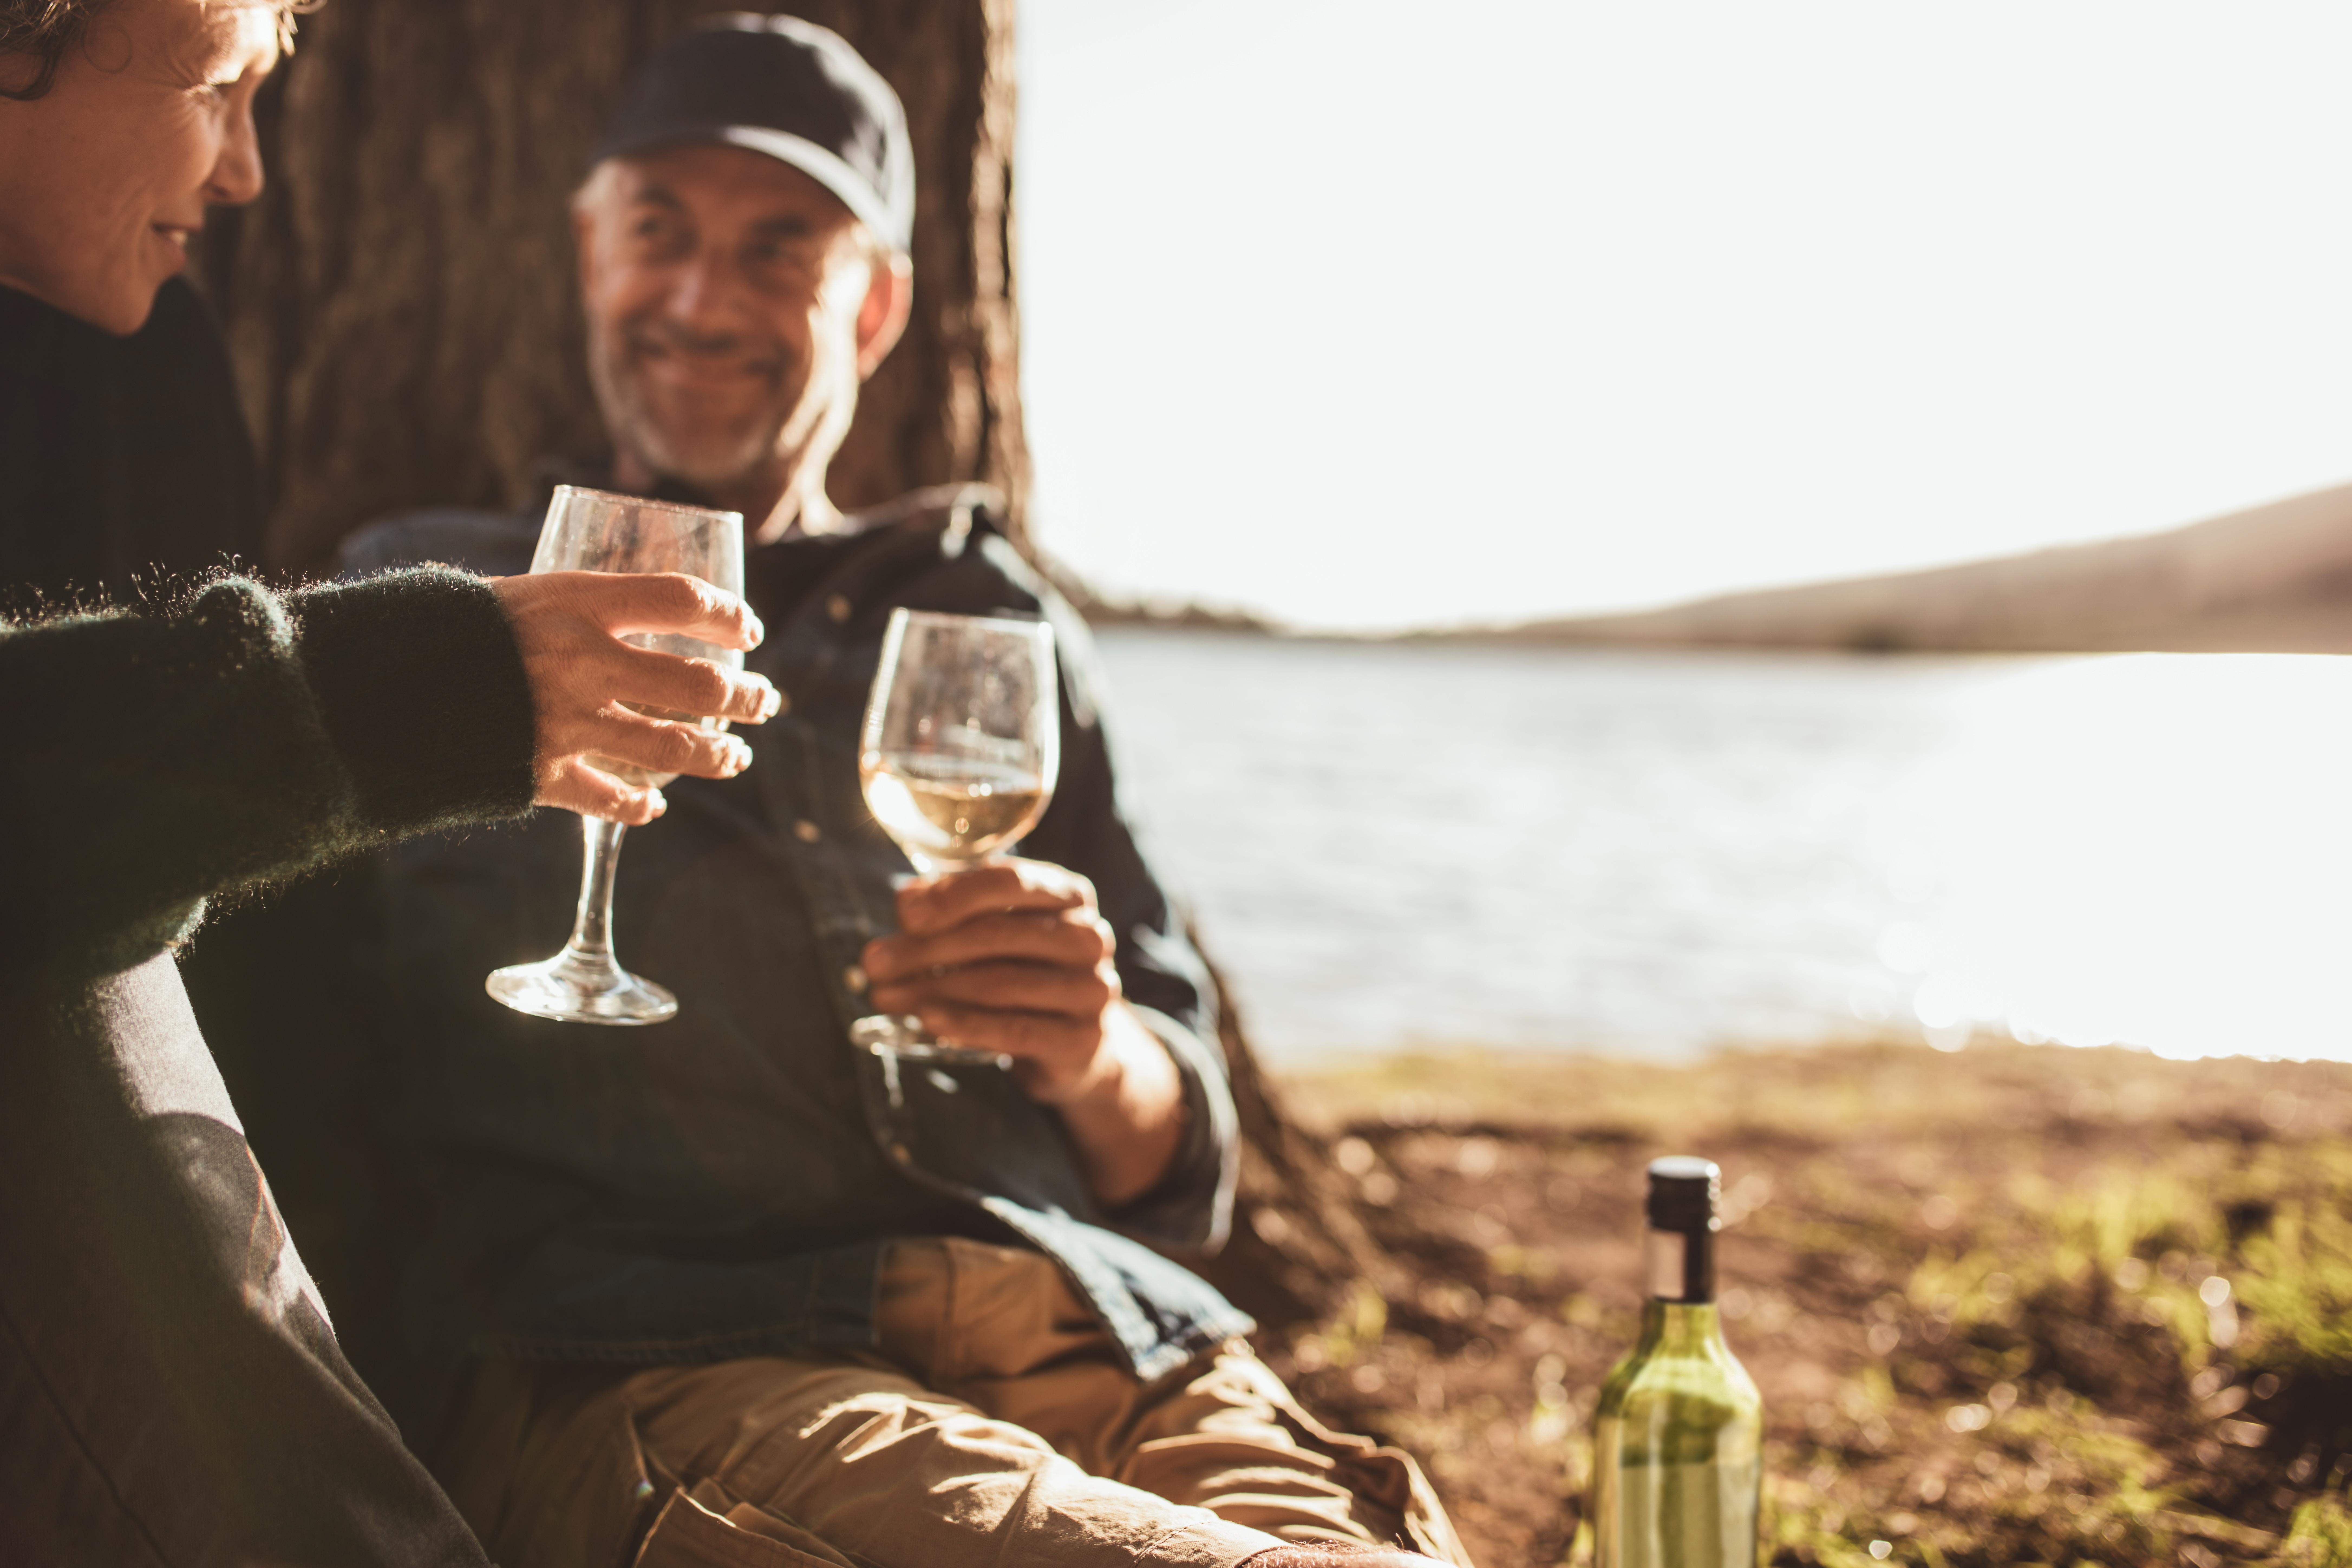 Del en hvit vin og nyfisket middag